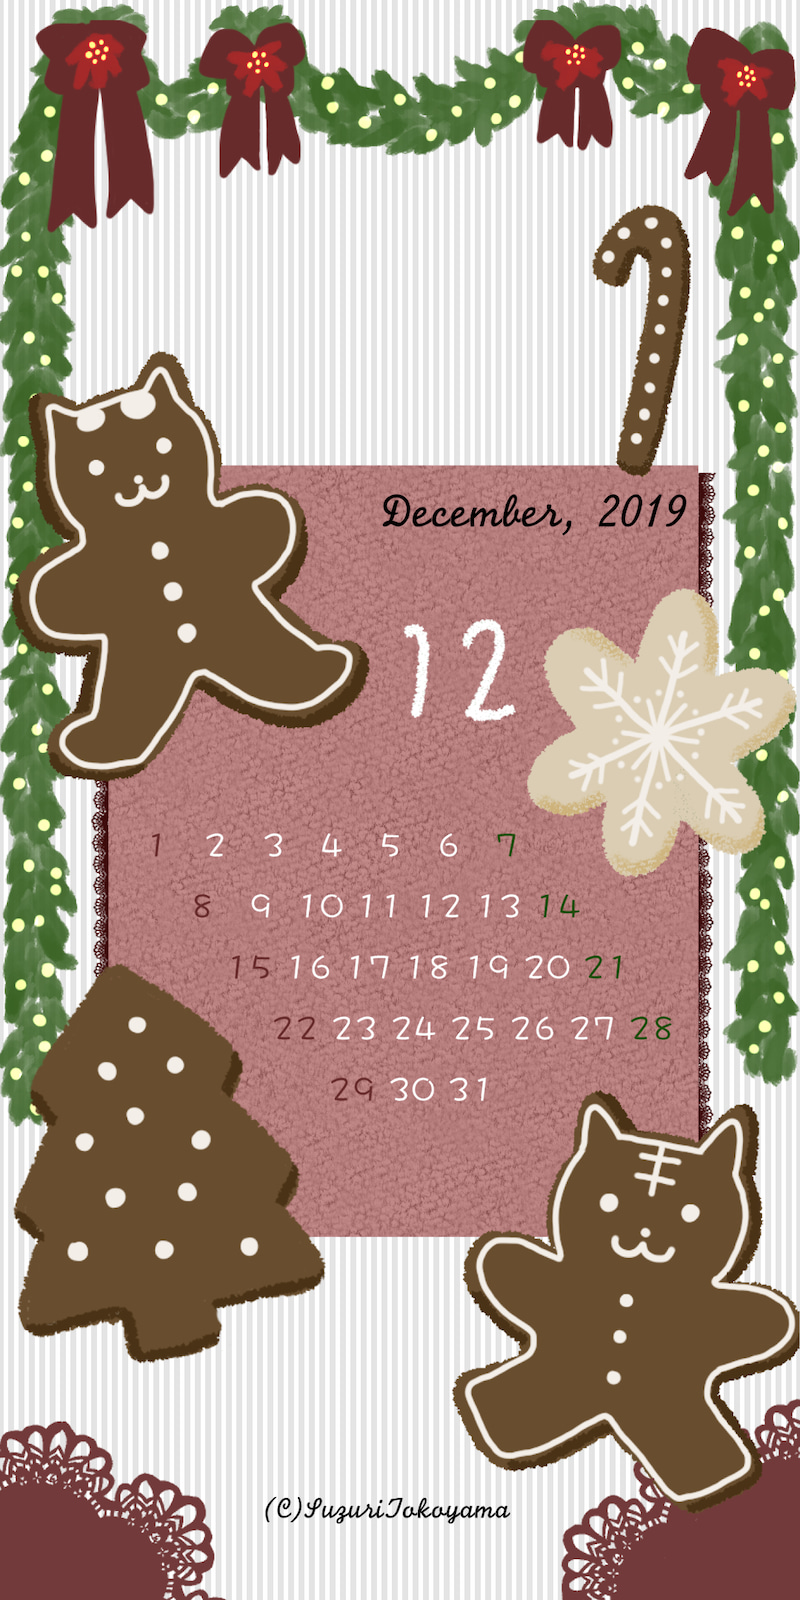 12月のスマホカレンダー できました 大フク猫まんが